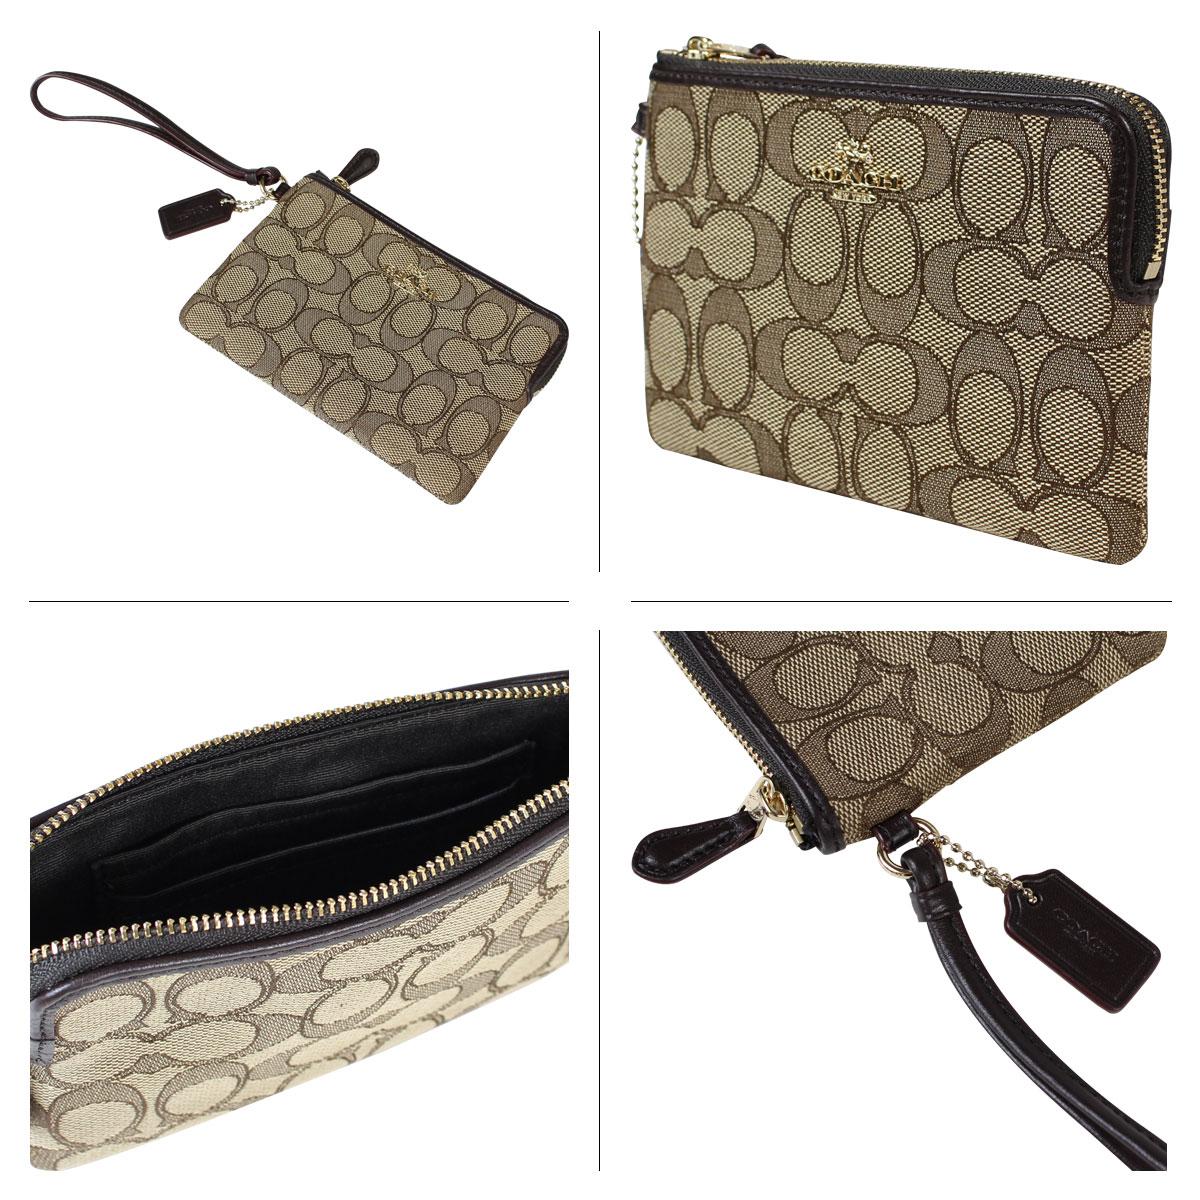 5b320d1412 ... uk coach coach purse bag pouch f54627 khaki brown ladies aee6f 5394d